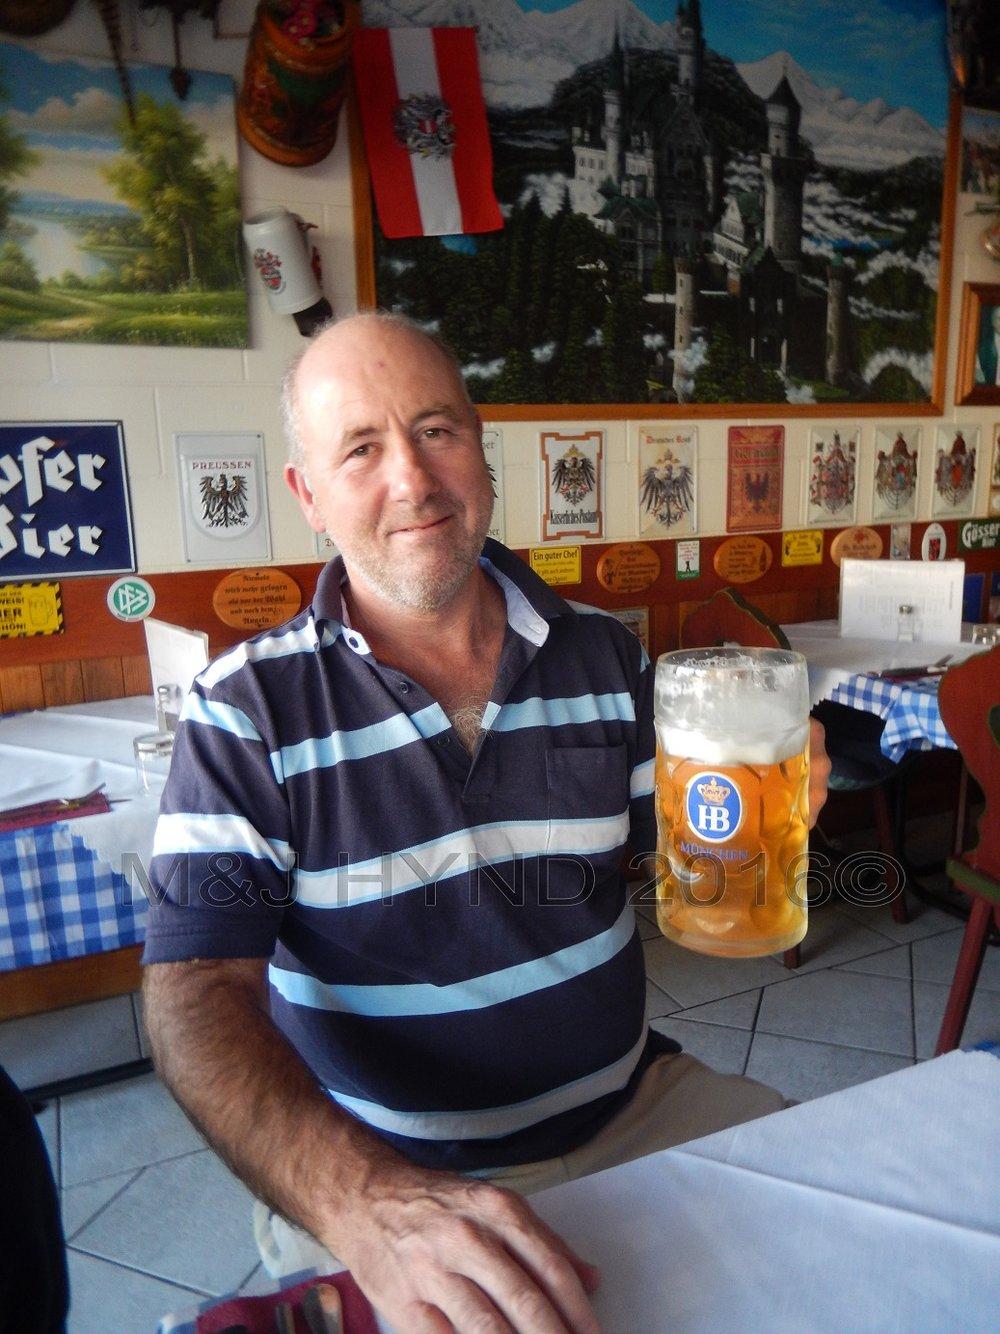 Der Metz restaurant Oktoberfest raising a beer, Auckland, NZ